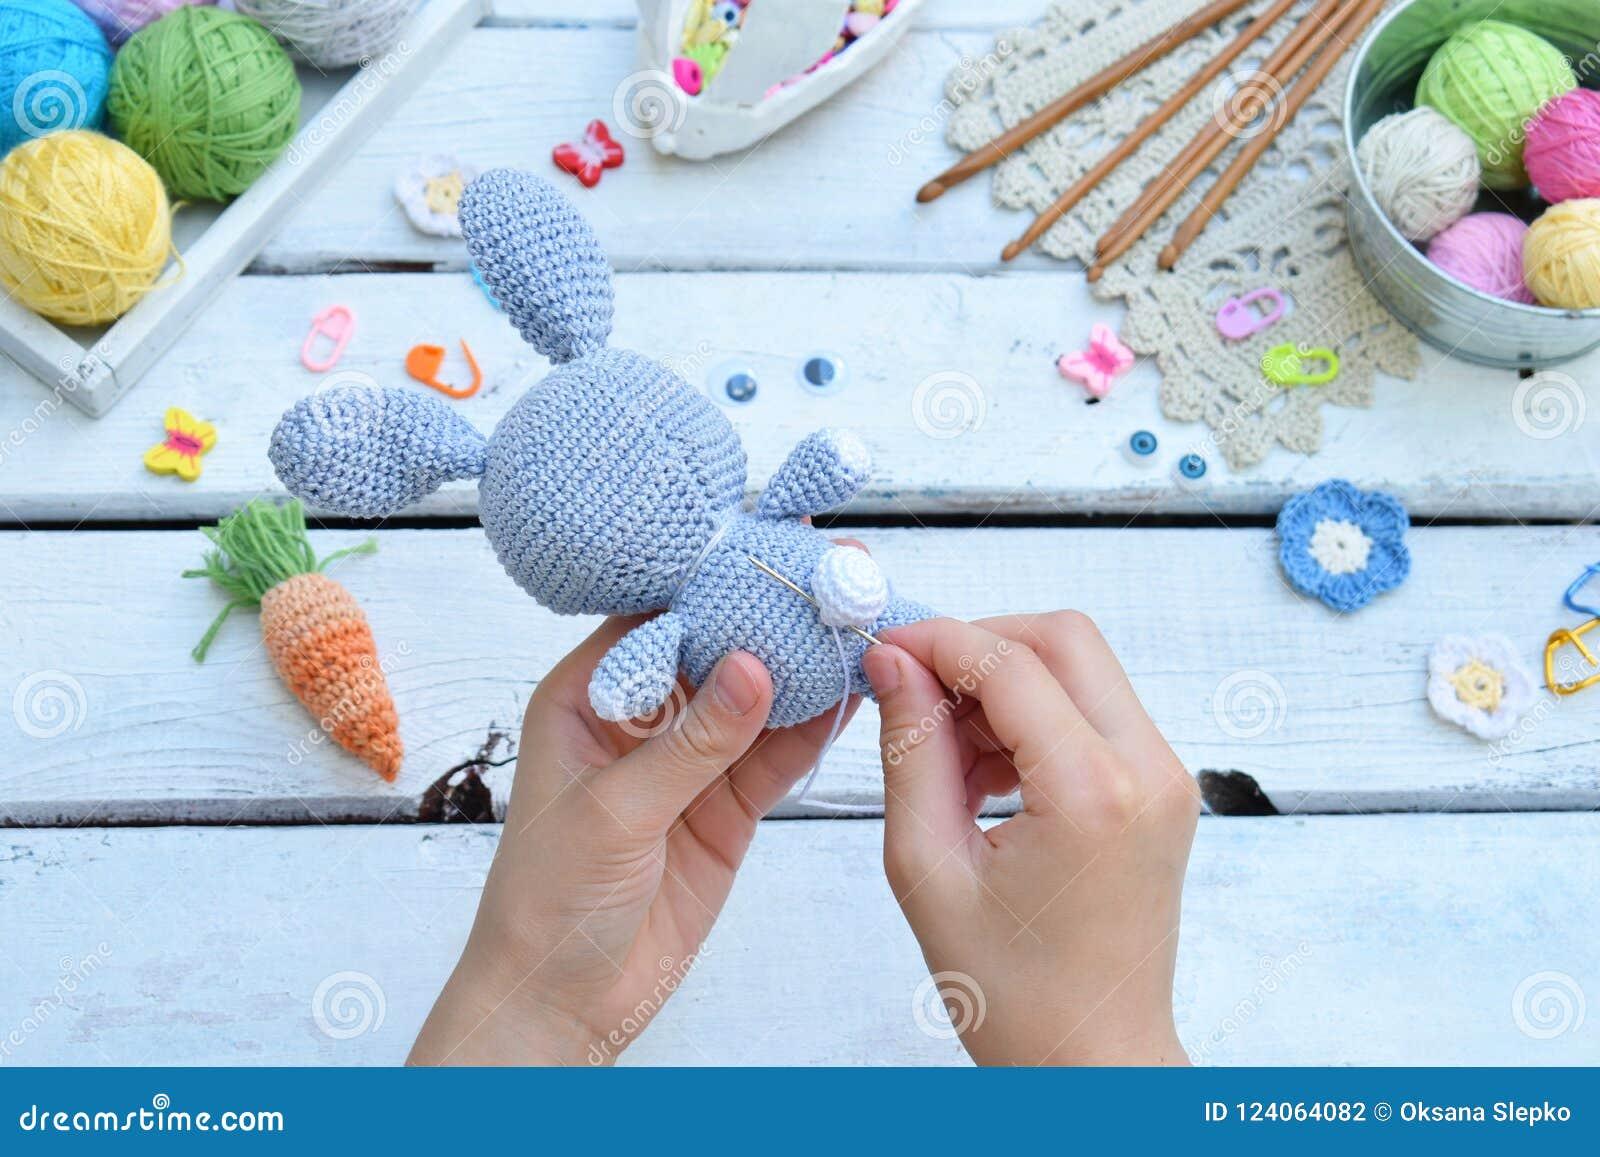 Carrot Amigurumi Free Crochet Pattern • Spin a Yarn Crochet | 957x1300